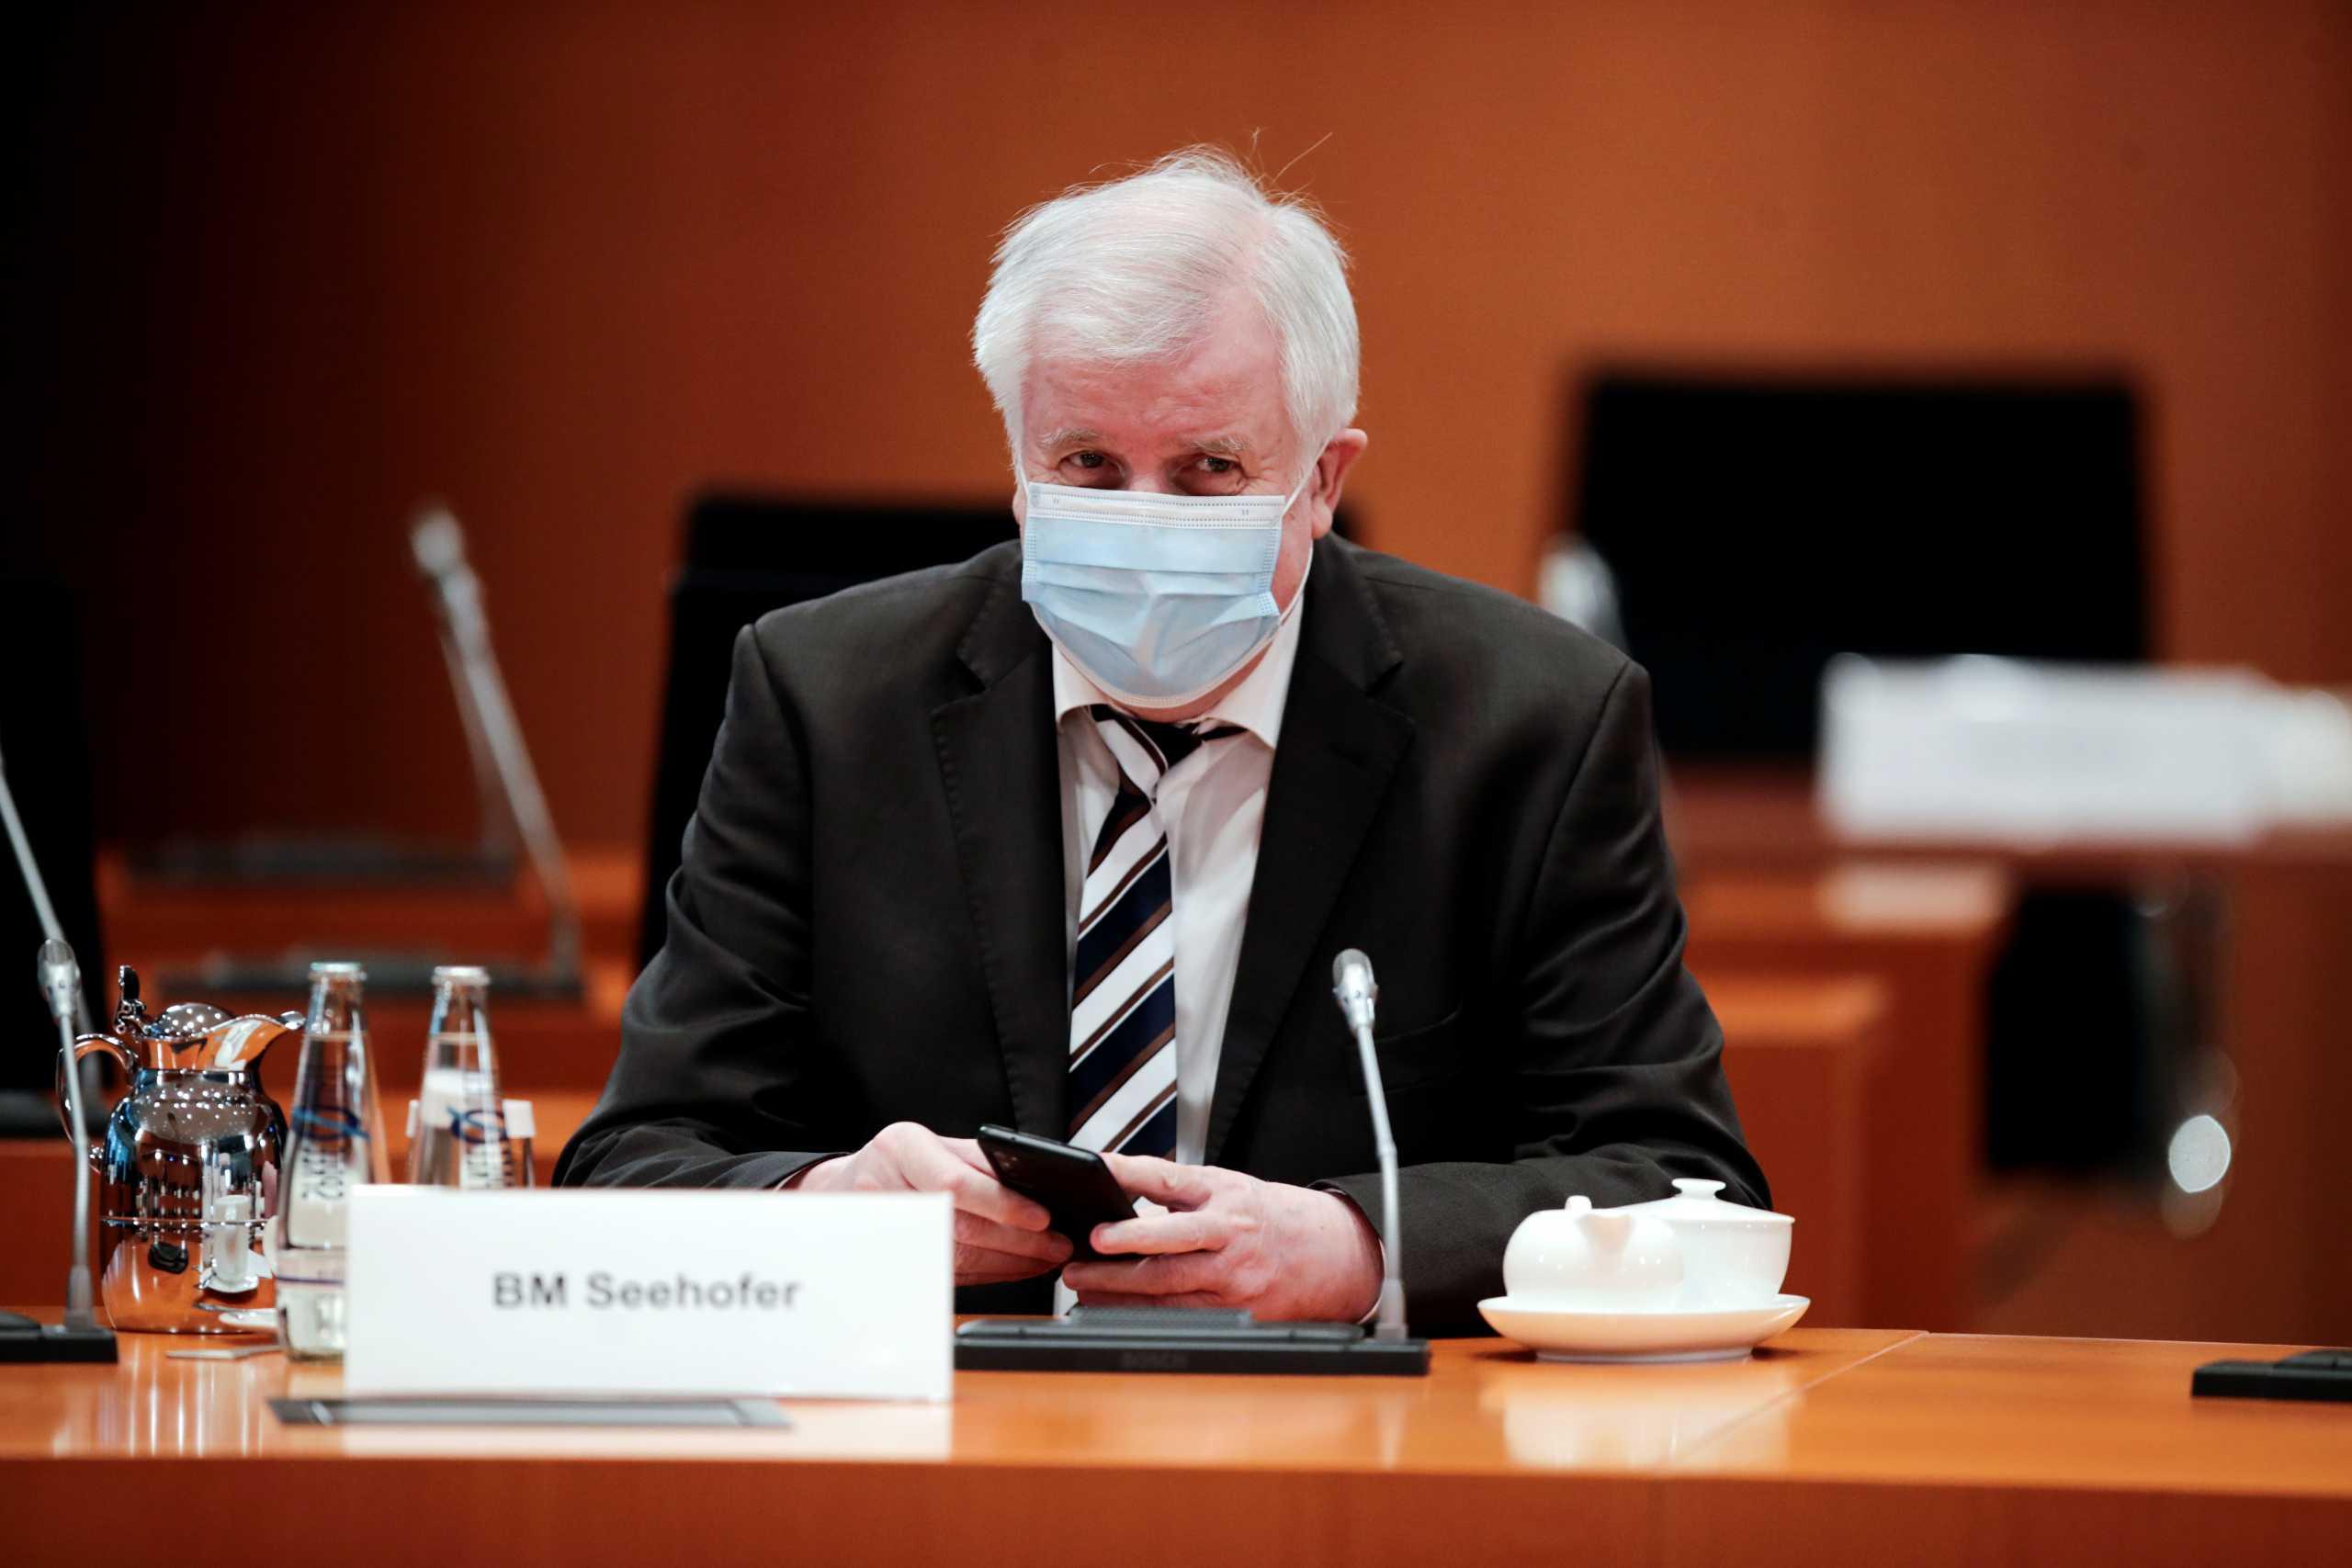 Γερμανία: Ο υπουργός Εσωτερικών αρνείται να κάνει το εμβόλιο της AstraZeneca